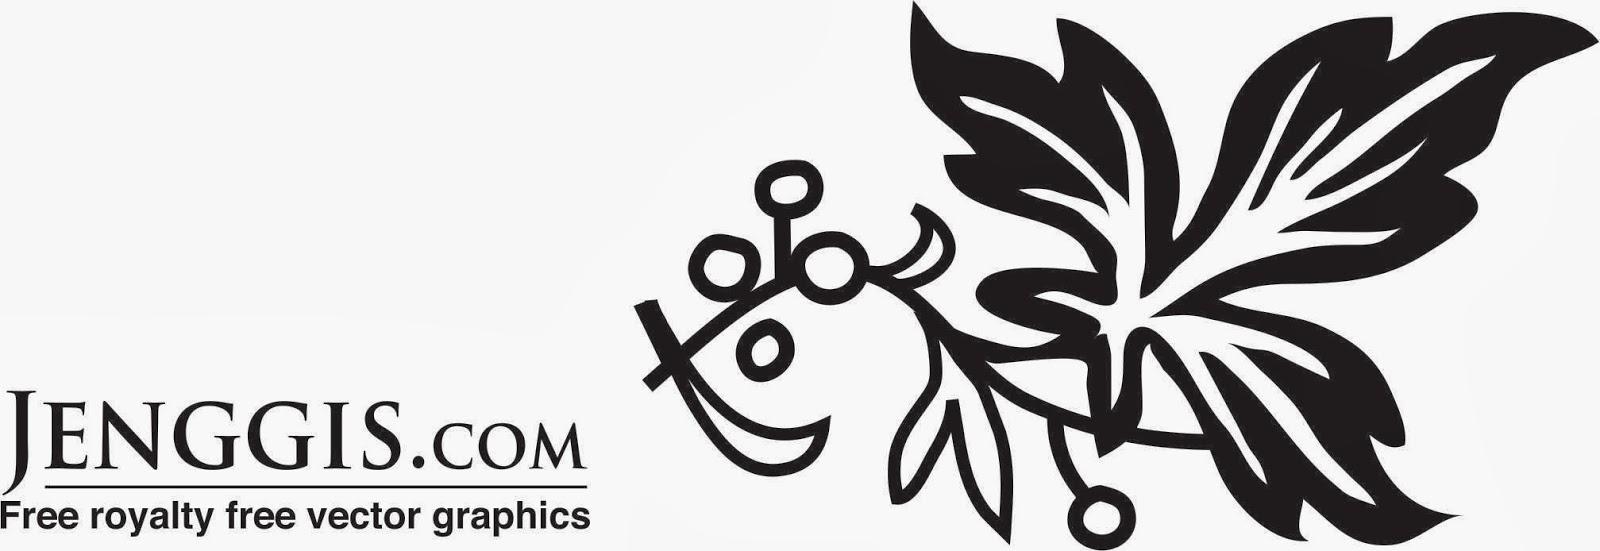 Daun-Decoration-jenggis.com-free-download-corel-draw-cdr-gratis.jpg